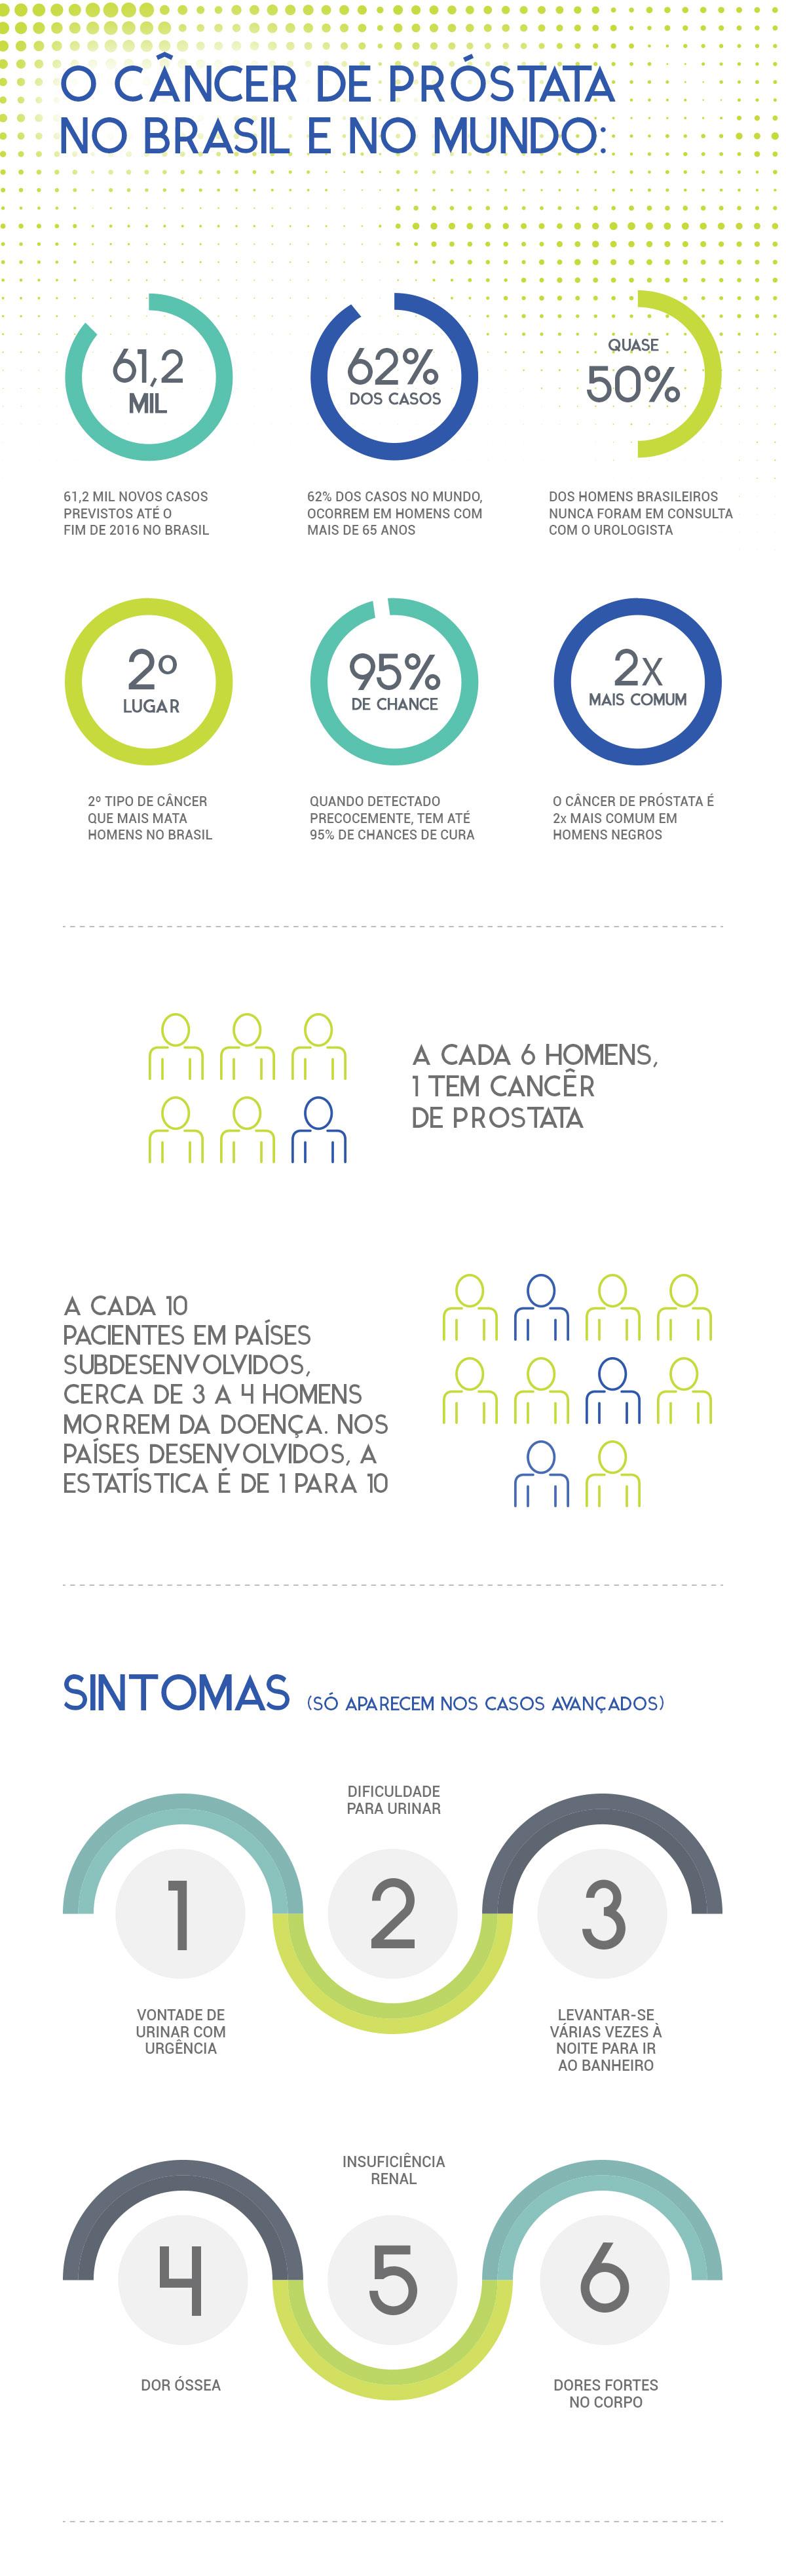 O câncer de próstata no Brasil e no Mundo